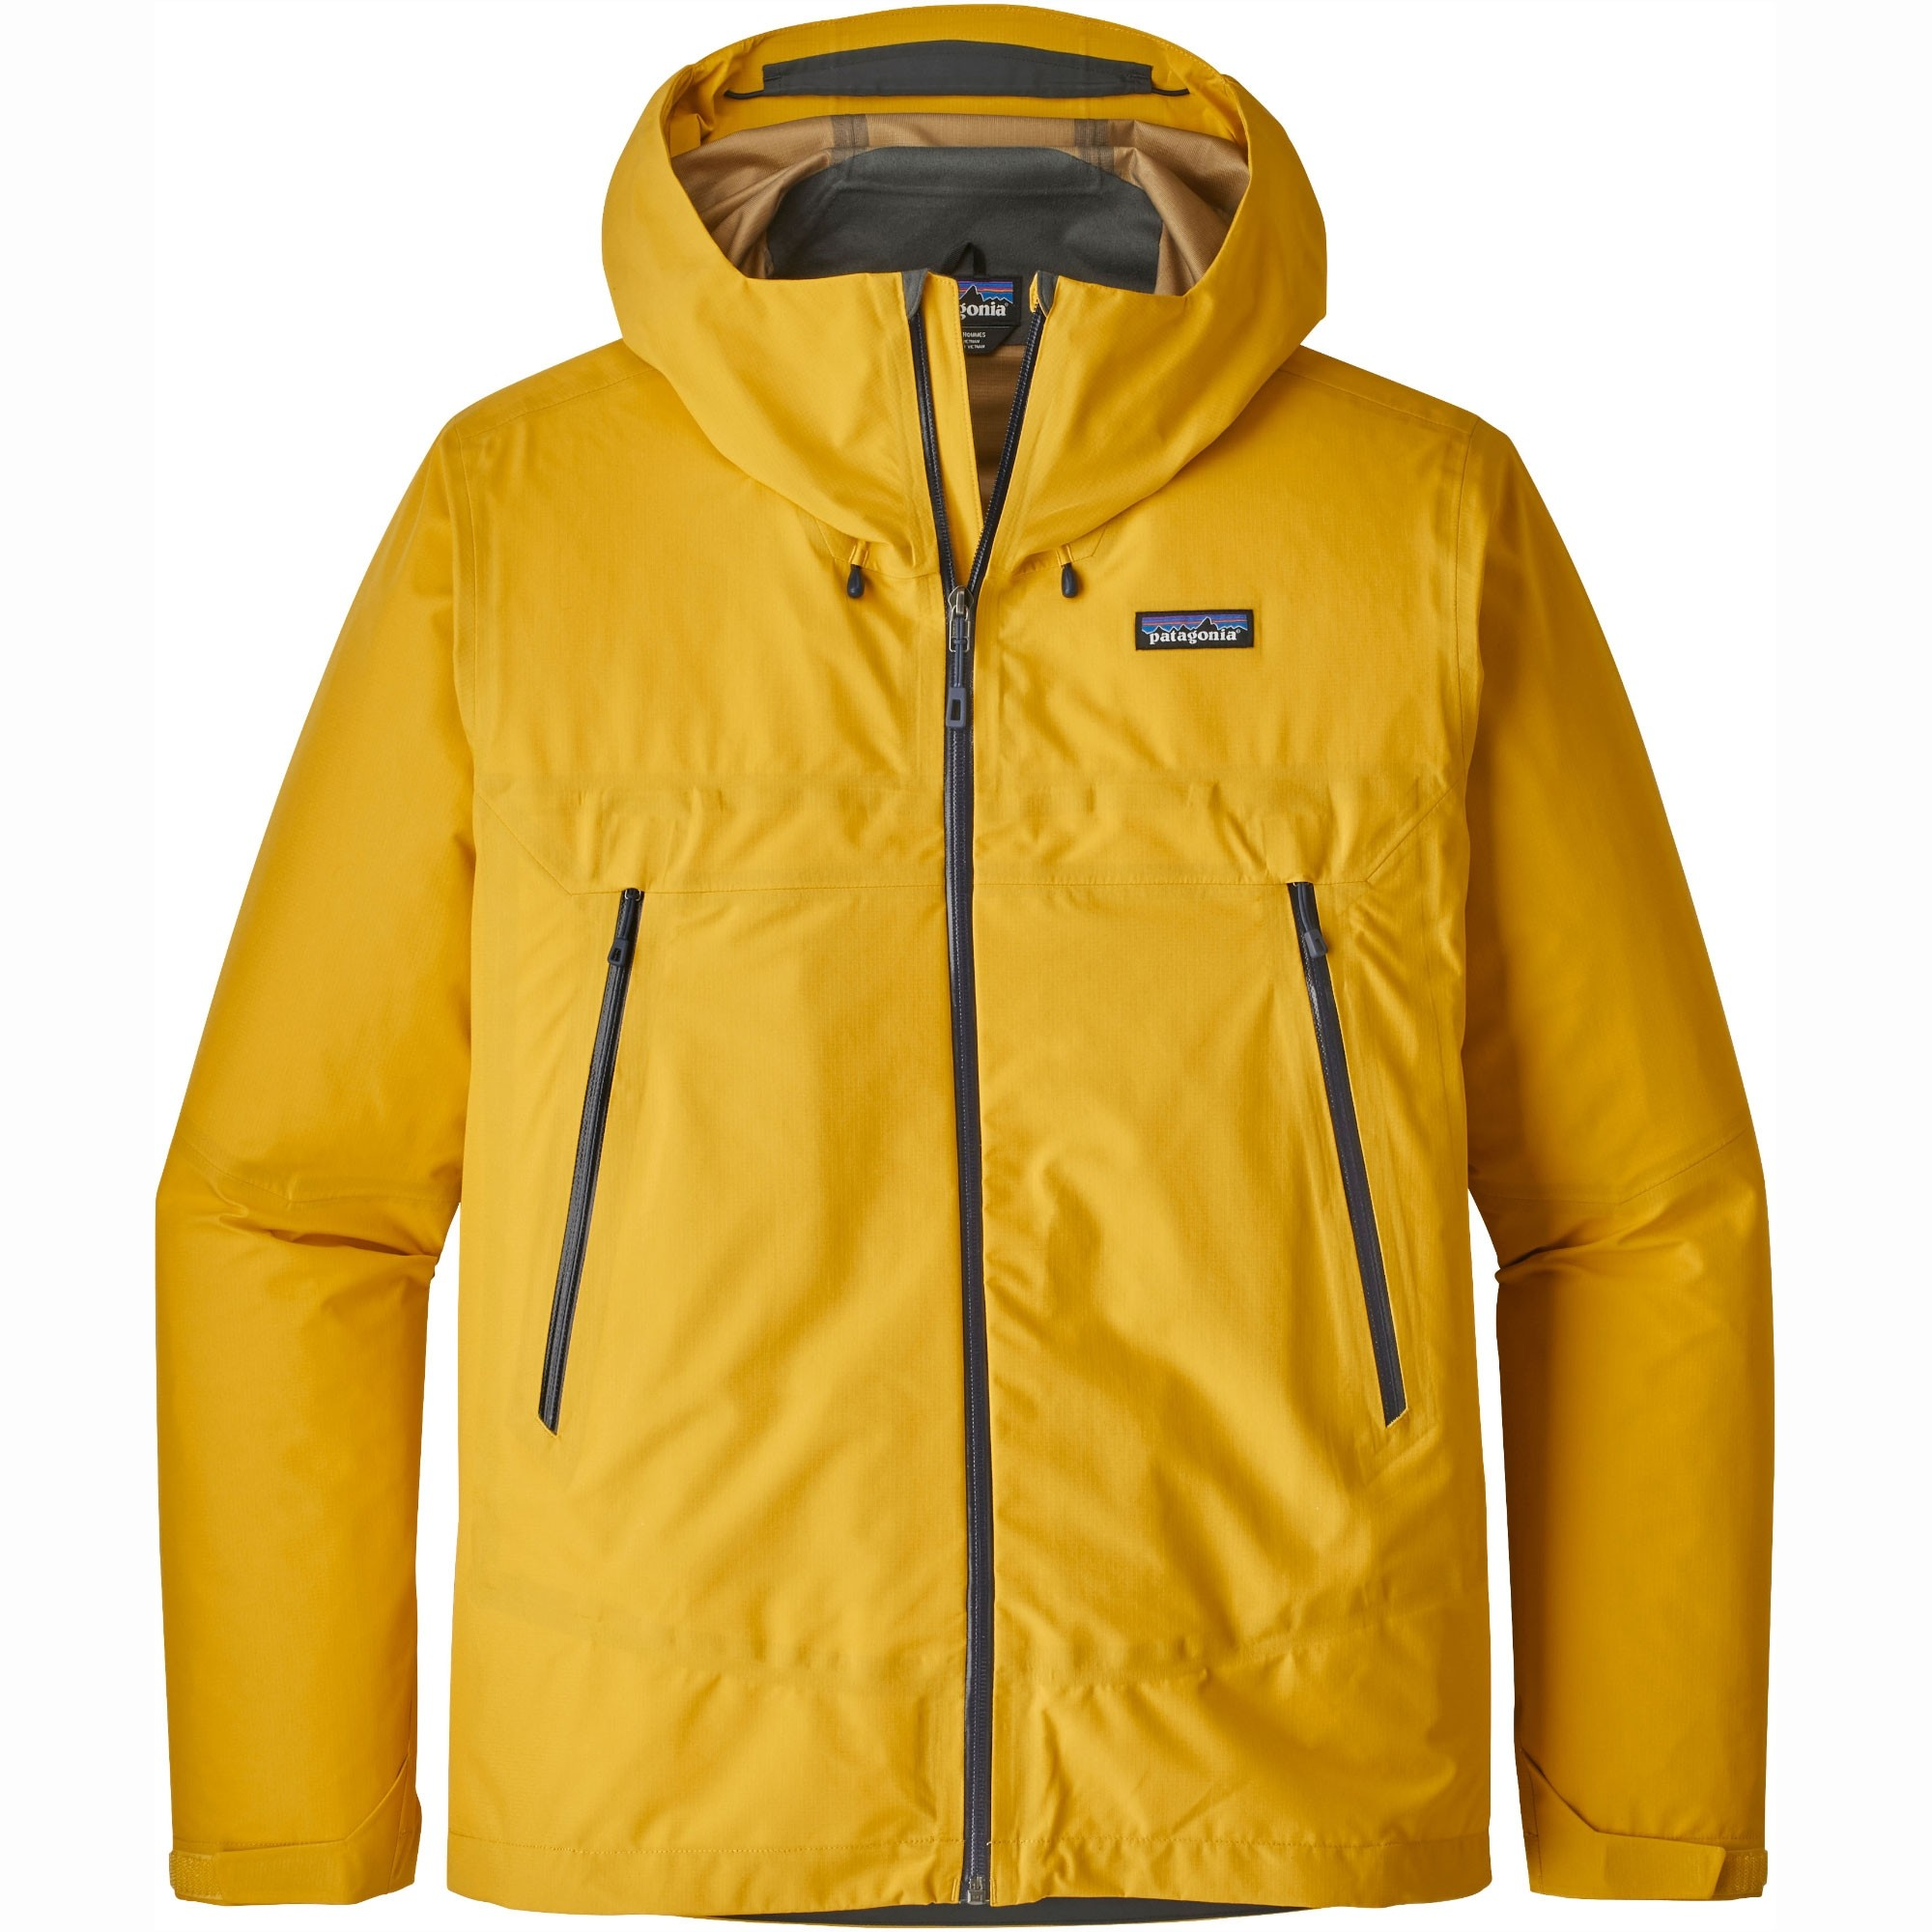 Patagonia Cloud Ridge Waterproof Jacket Rugby Yellow